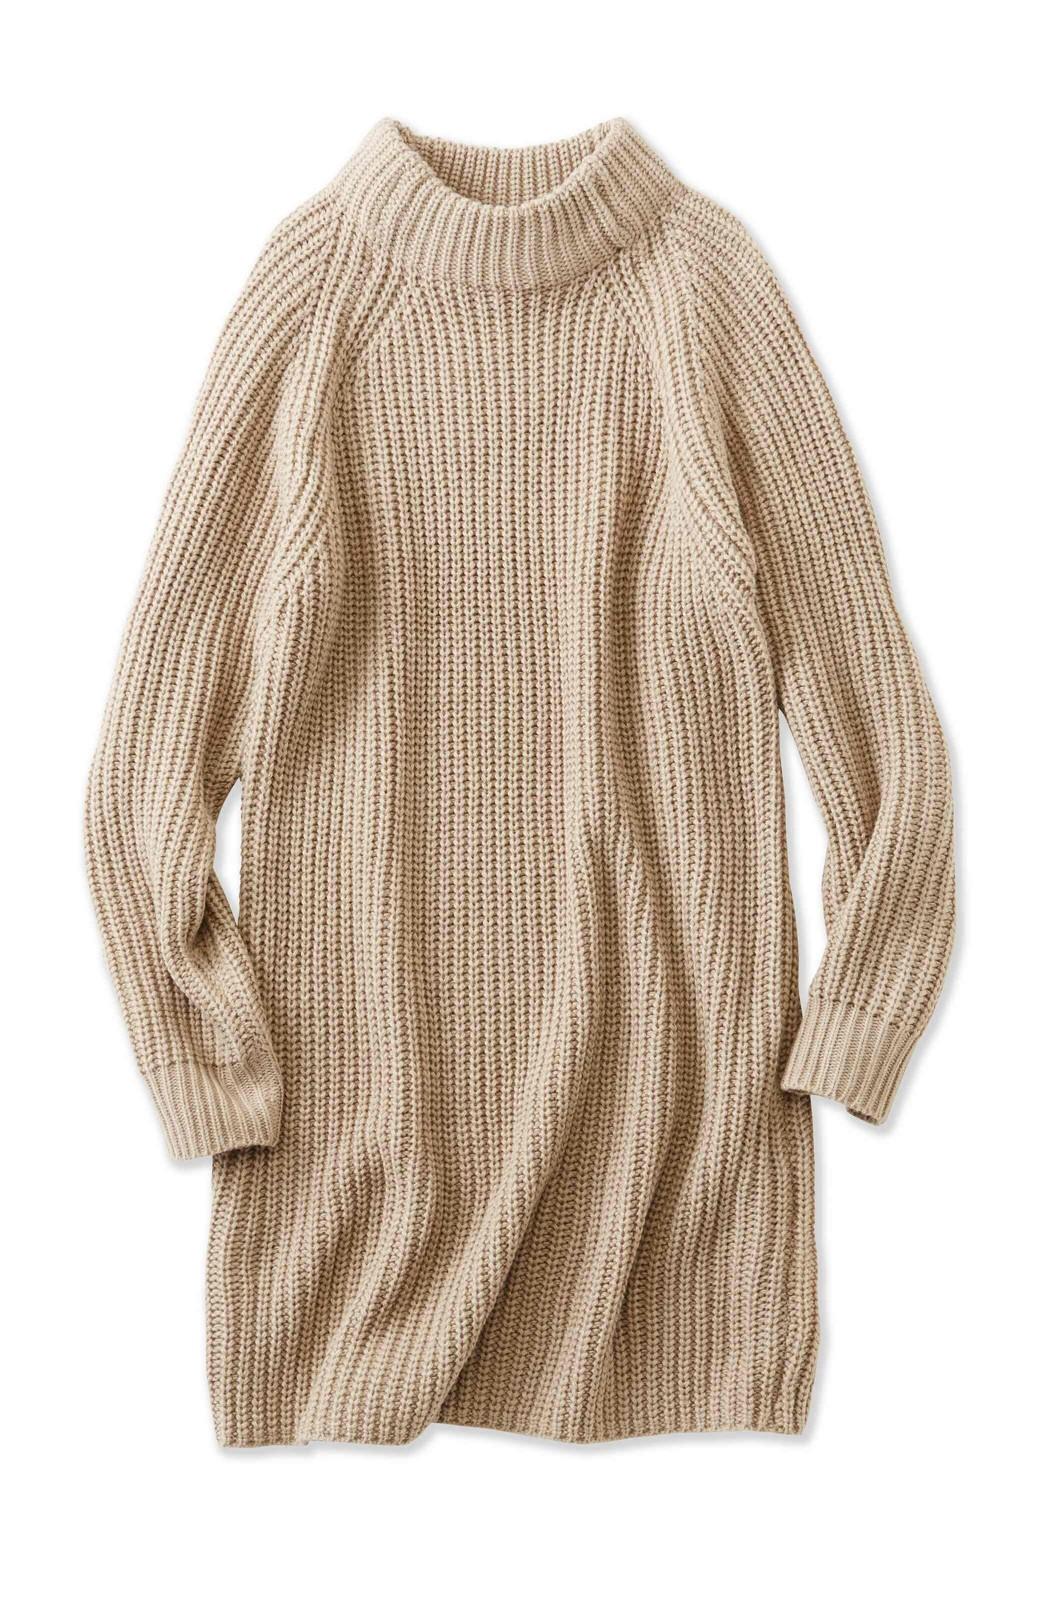 エムトロワ 重ね着もかわいいざっくりニットワンピース <ベージュ>の商品写真1